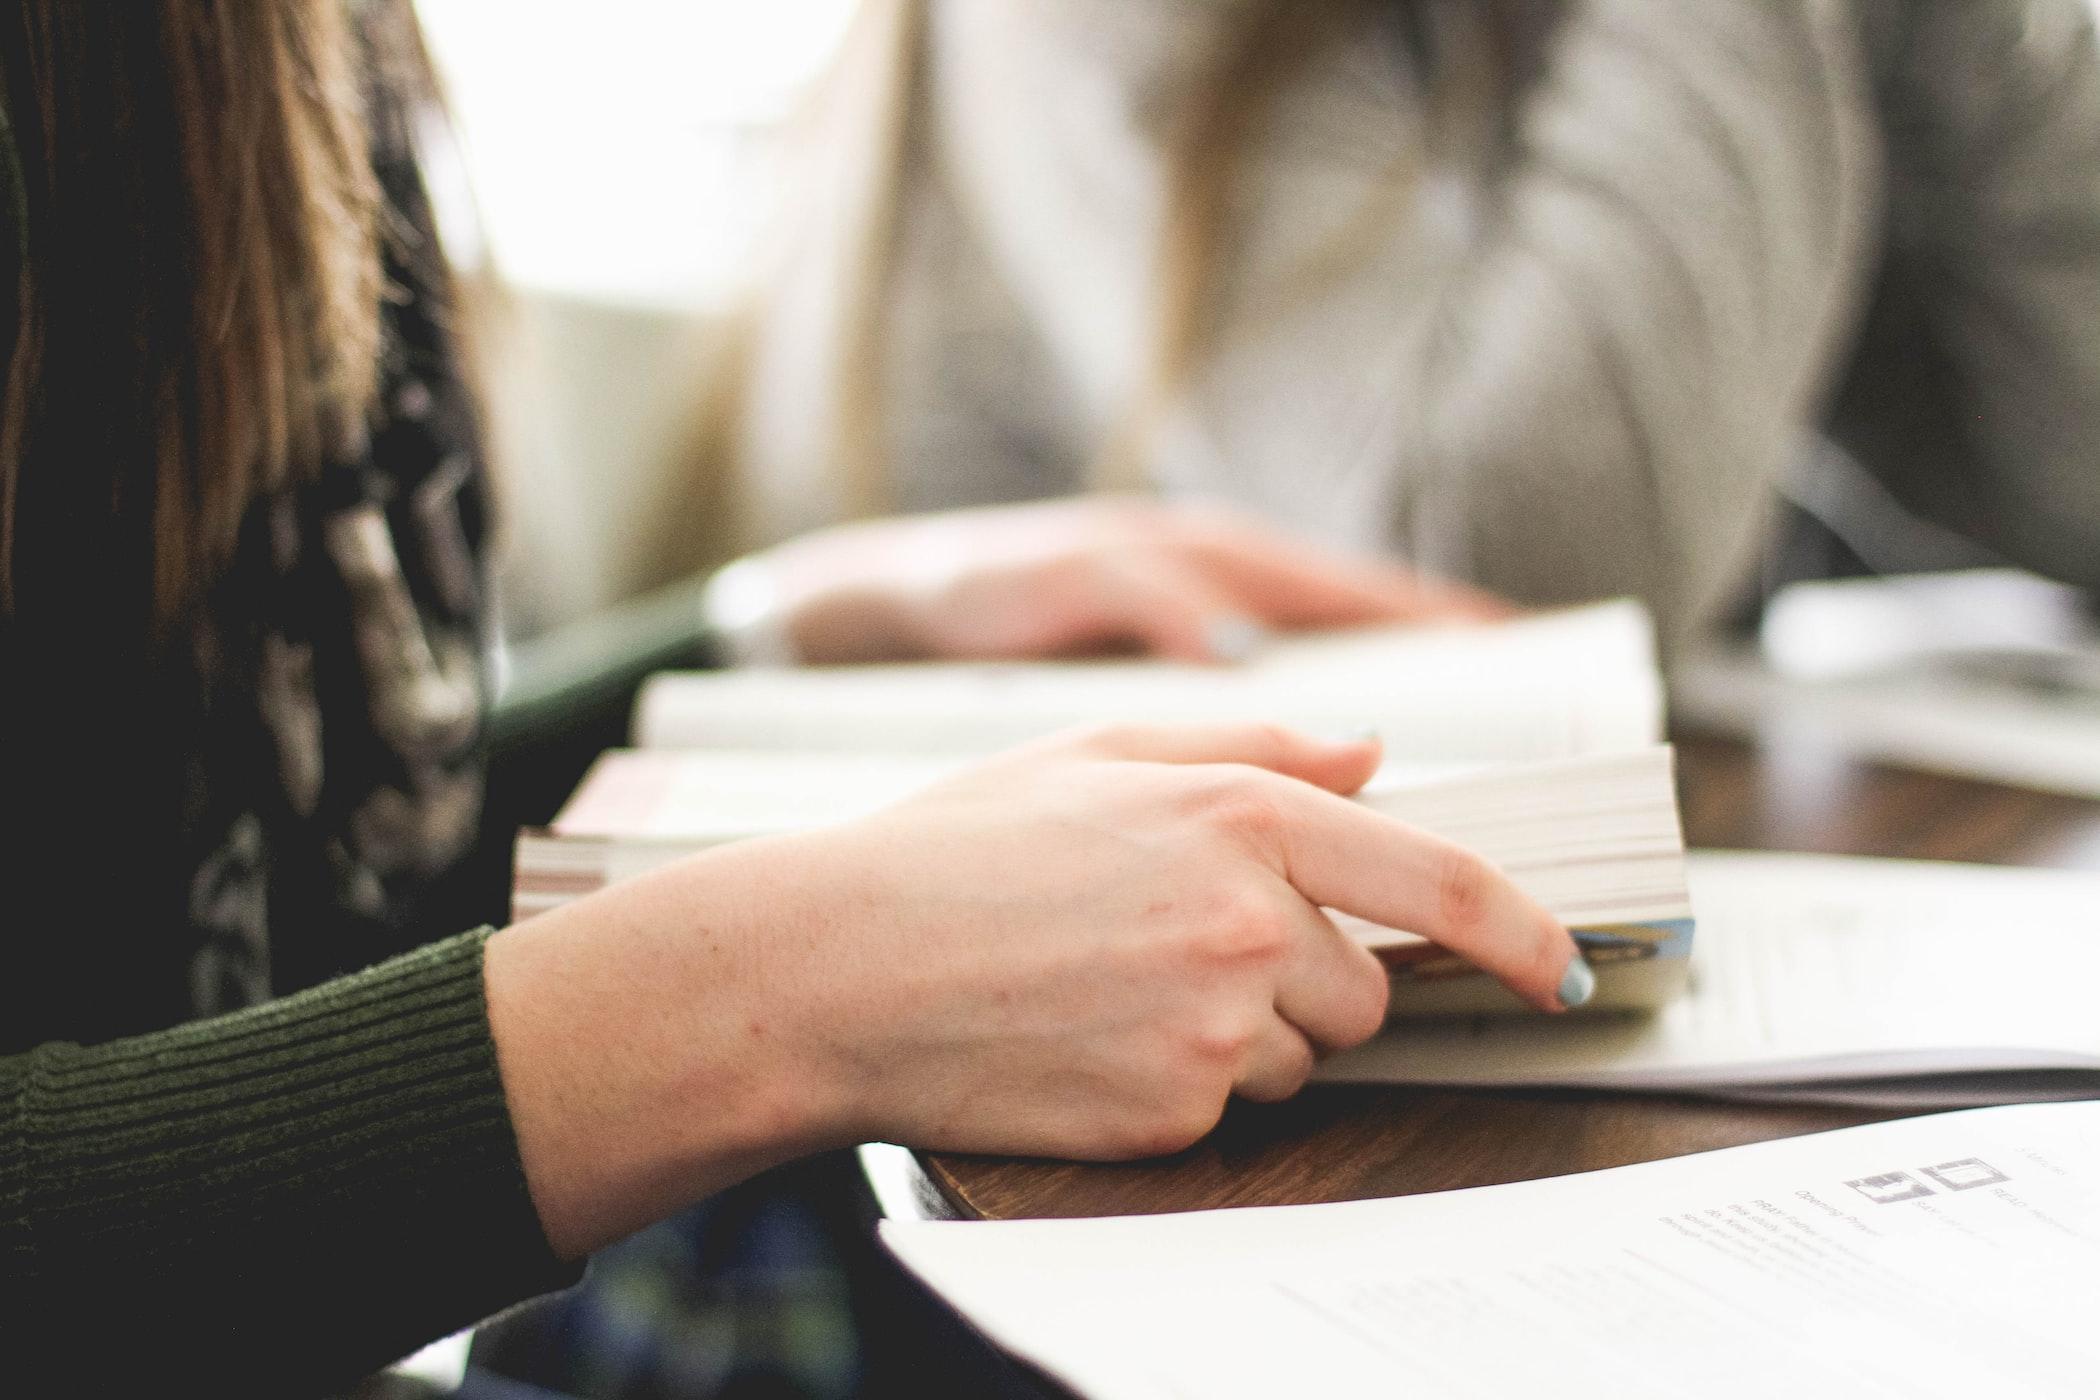 授業中にバレずに内職をするコツ・バレない方法『書かなくても良い暗記系の勉強をする』